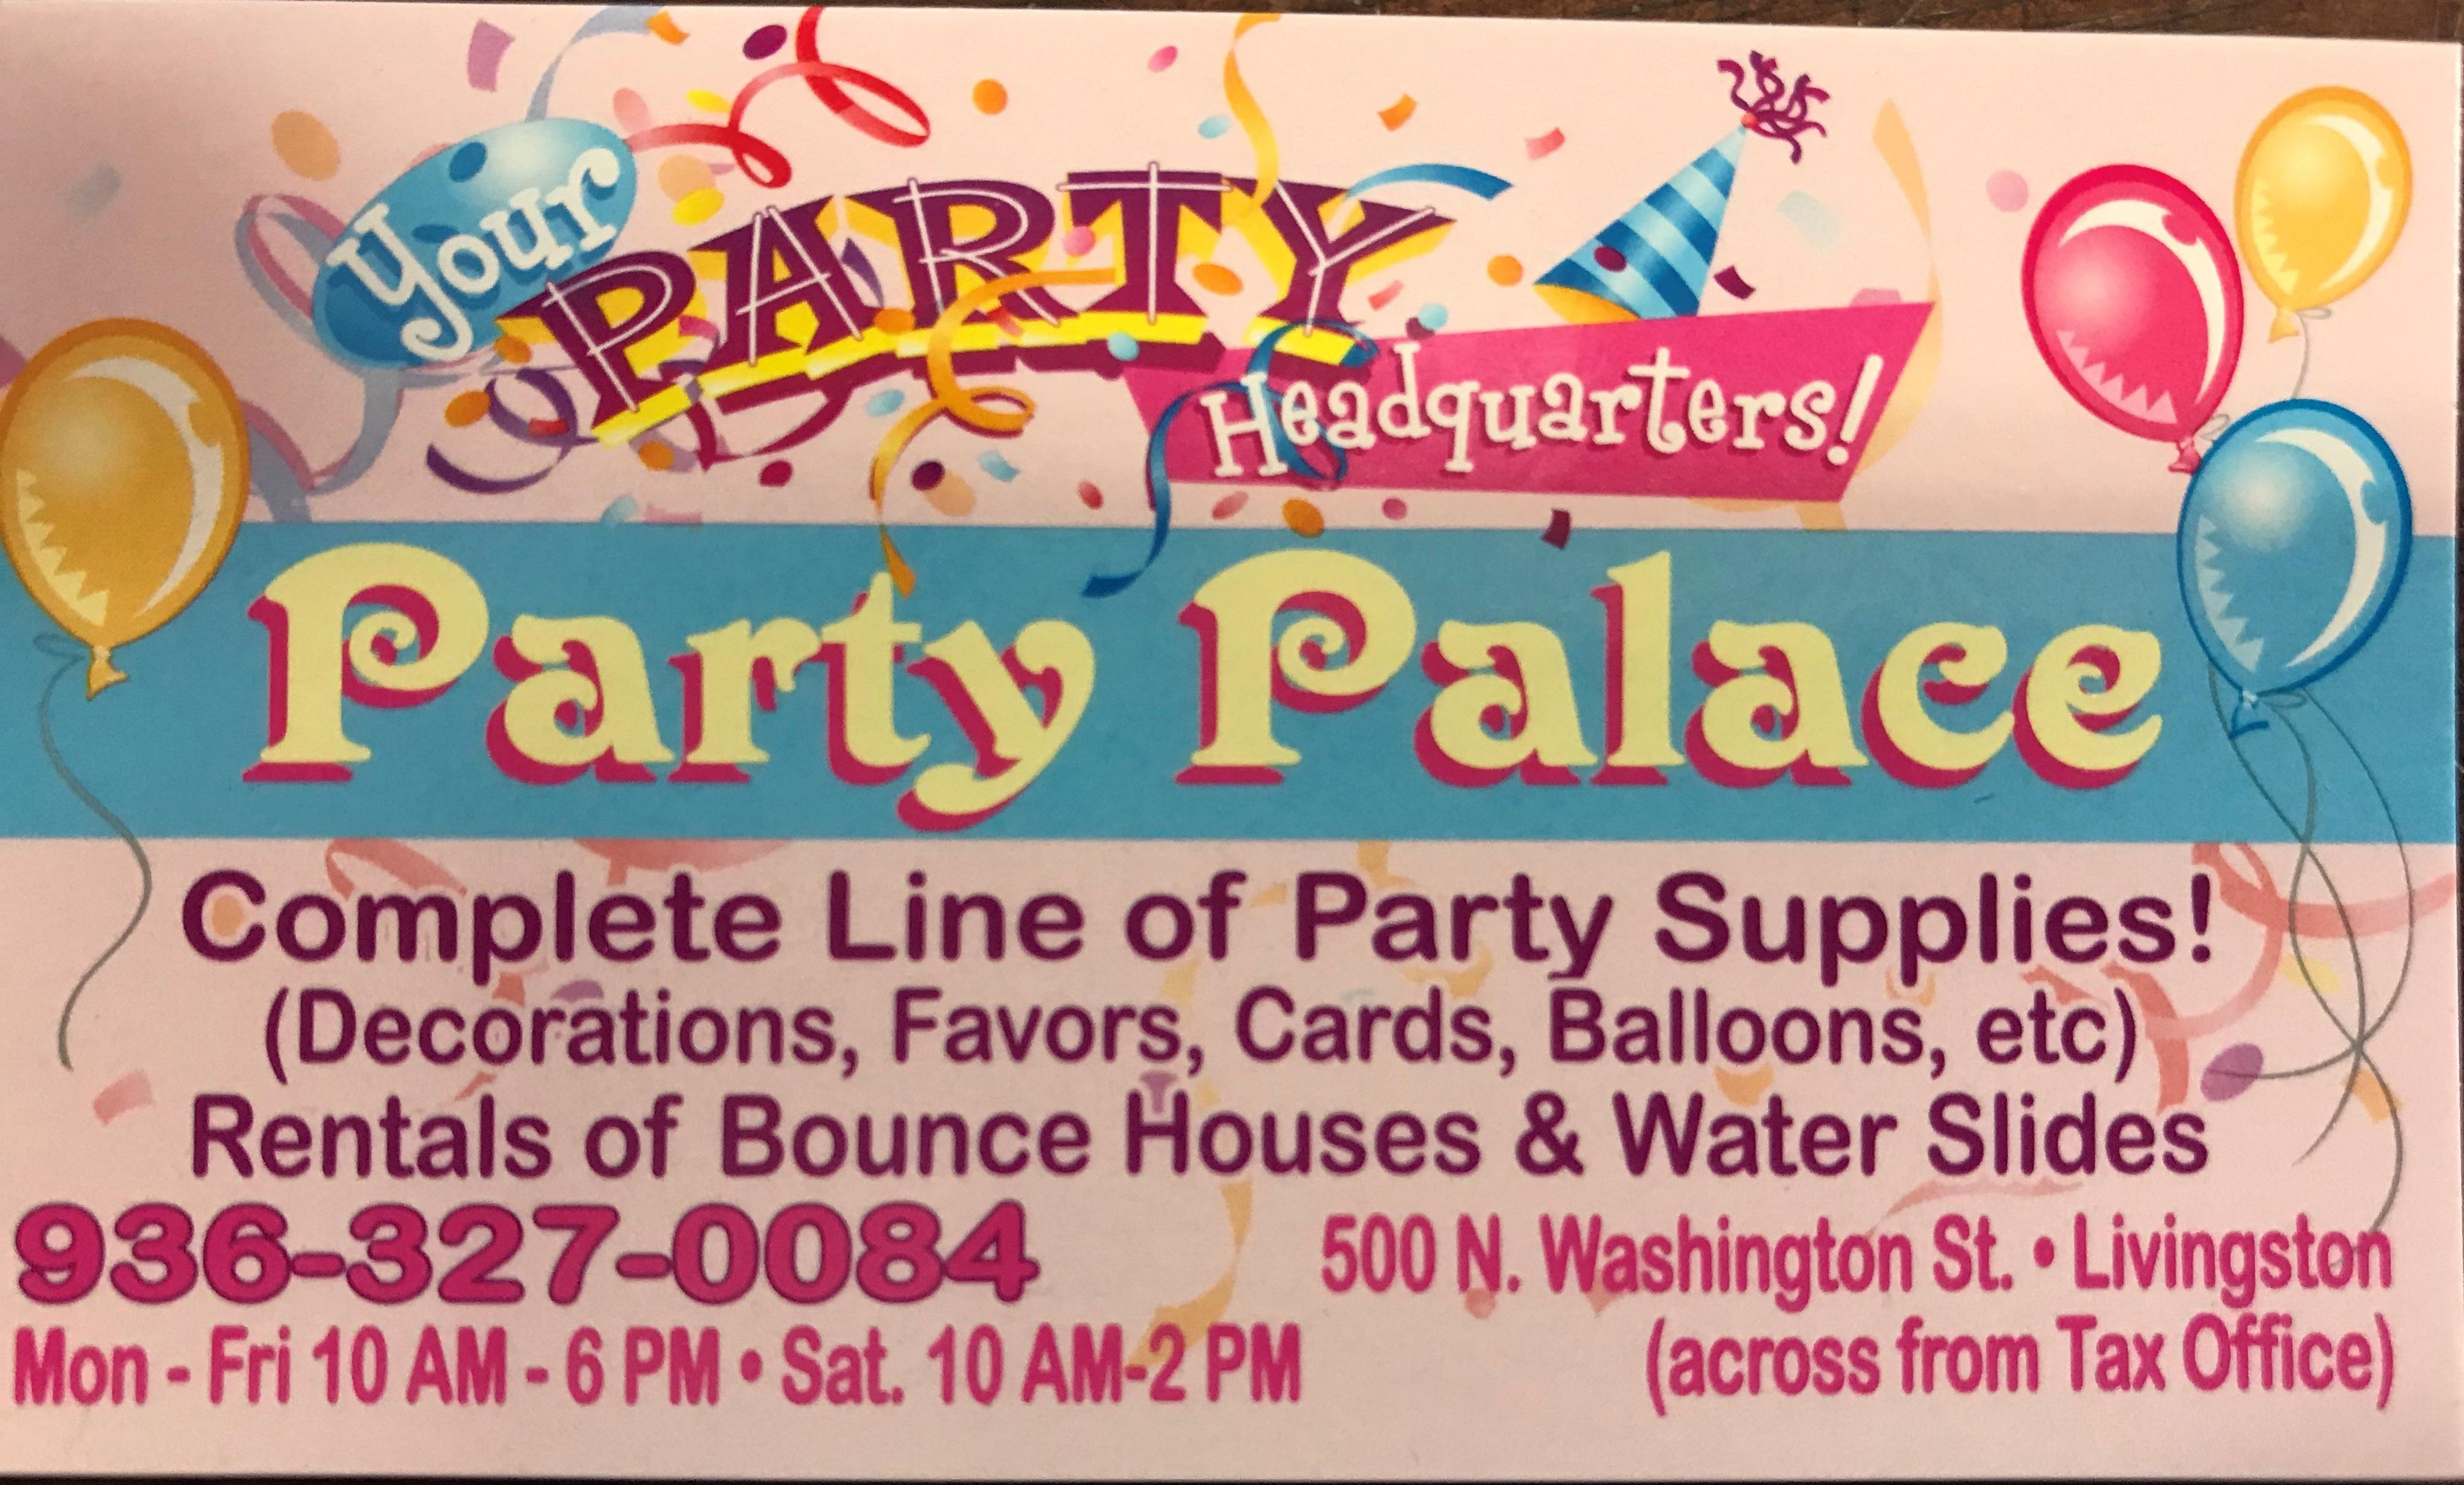 Party Palace LLC image 6